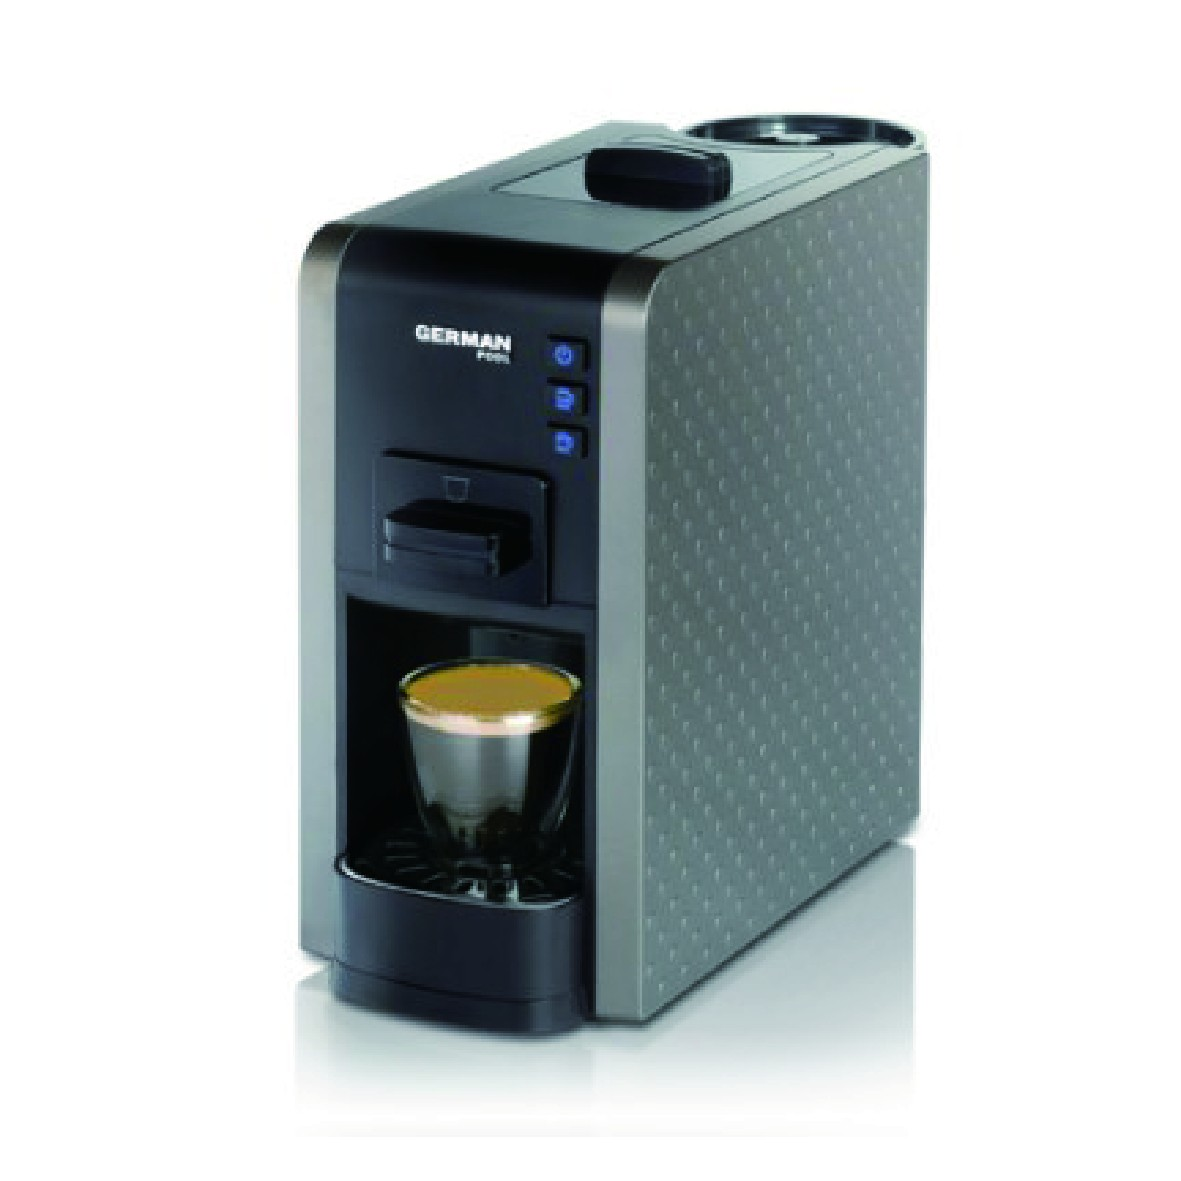 買咖啡豆送咖啡機優惠套餐 - German Pool 隨芯咖啡機(灰色) Plan A